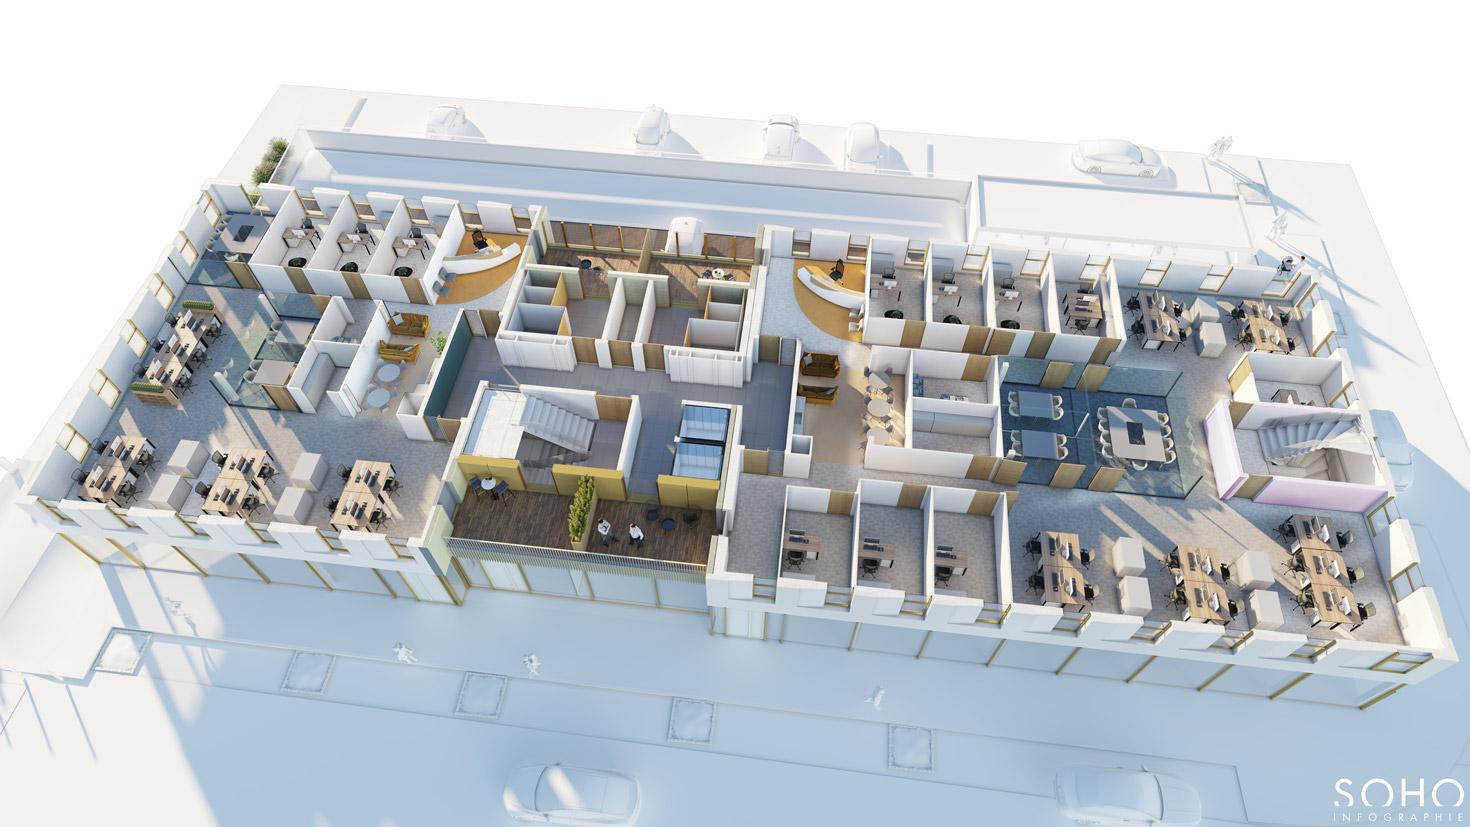 Ensemble immobilier de bureaux et d'activité à Macon, réalisé par le pôle Tertiaire de l'agence d'architecture SOHO ATLAS IN FINE LYON. Coupe isométrique.